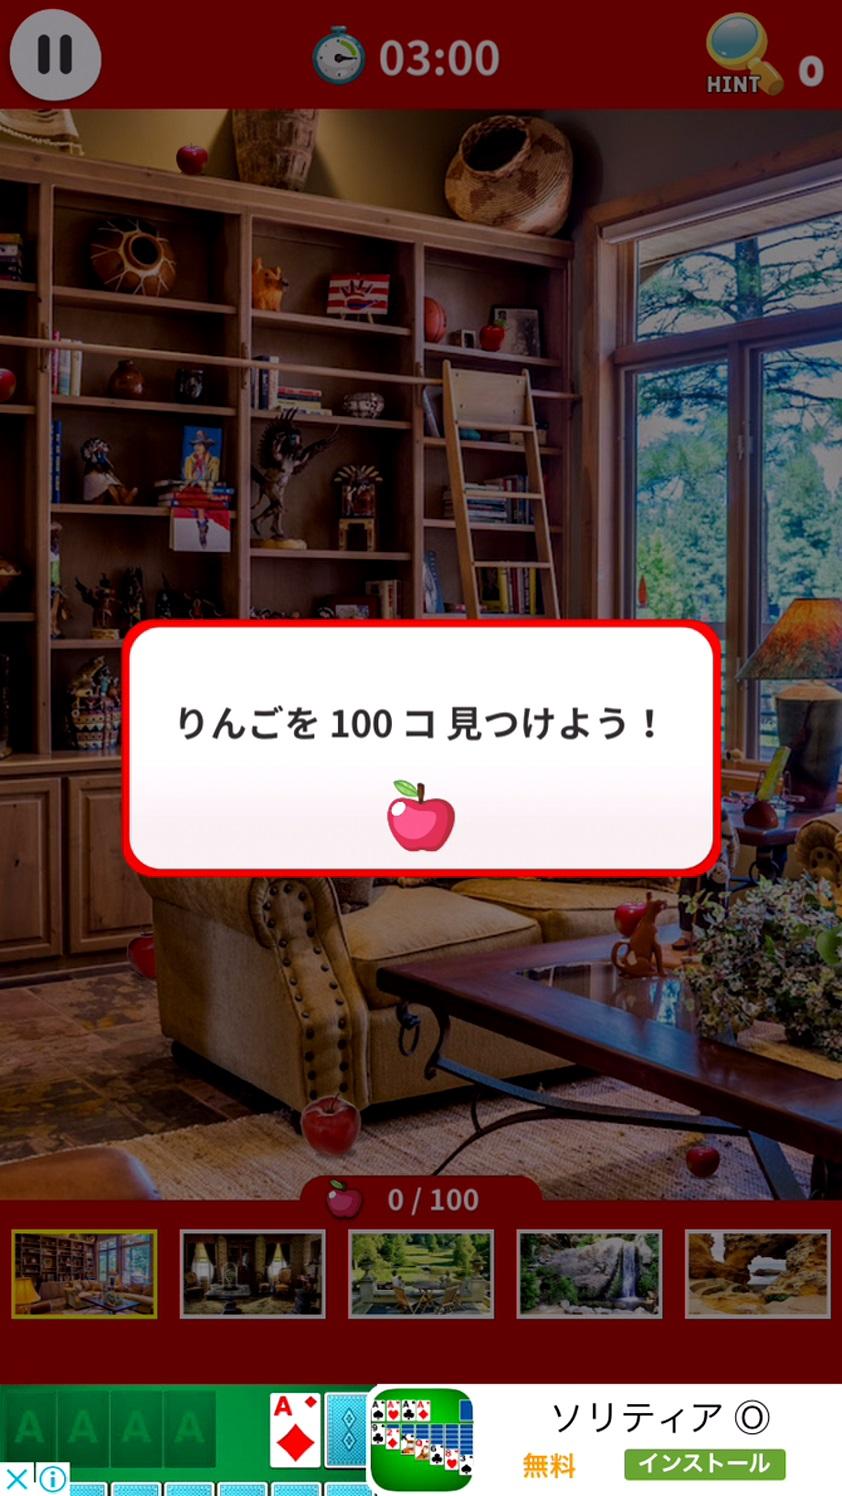 androidアプリ りんご100コ 探せ!攻略スクリーンショット2